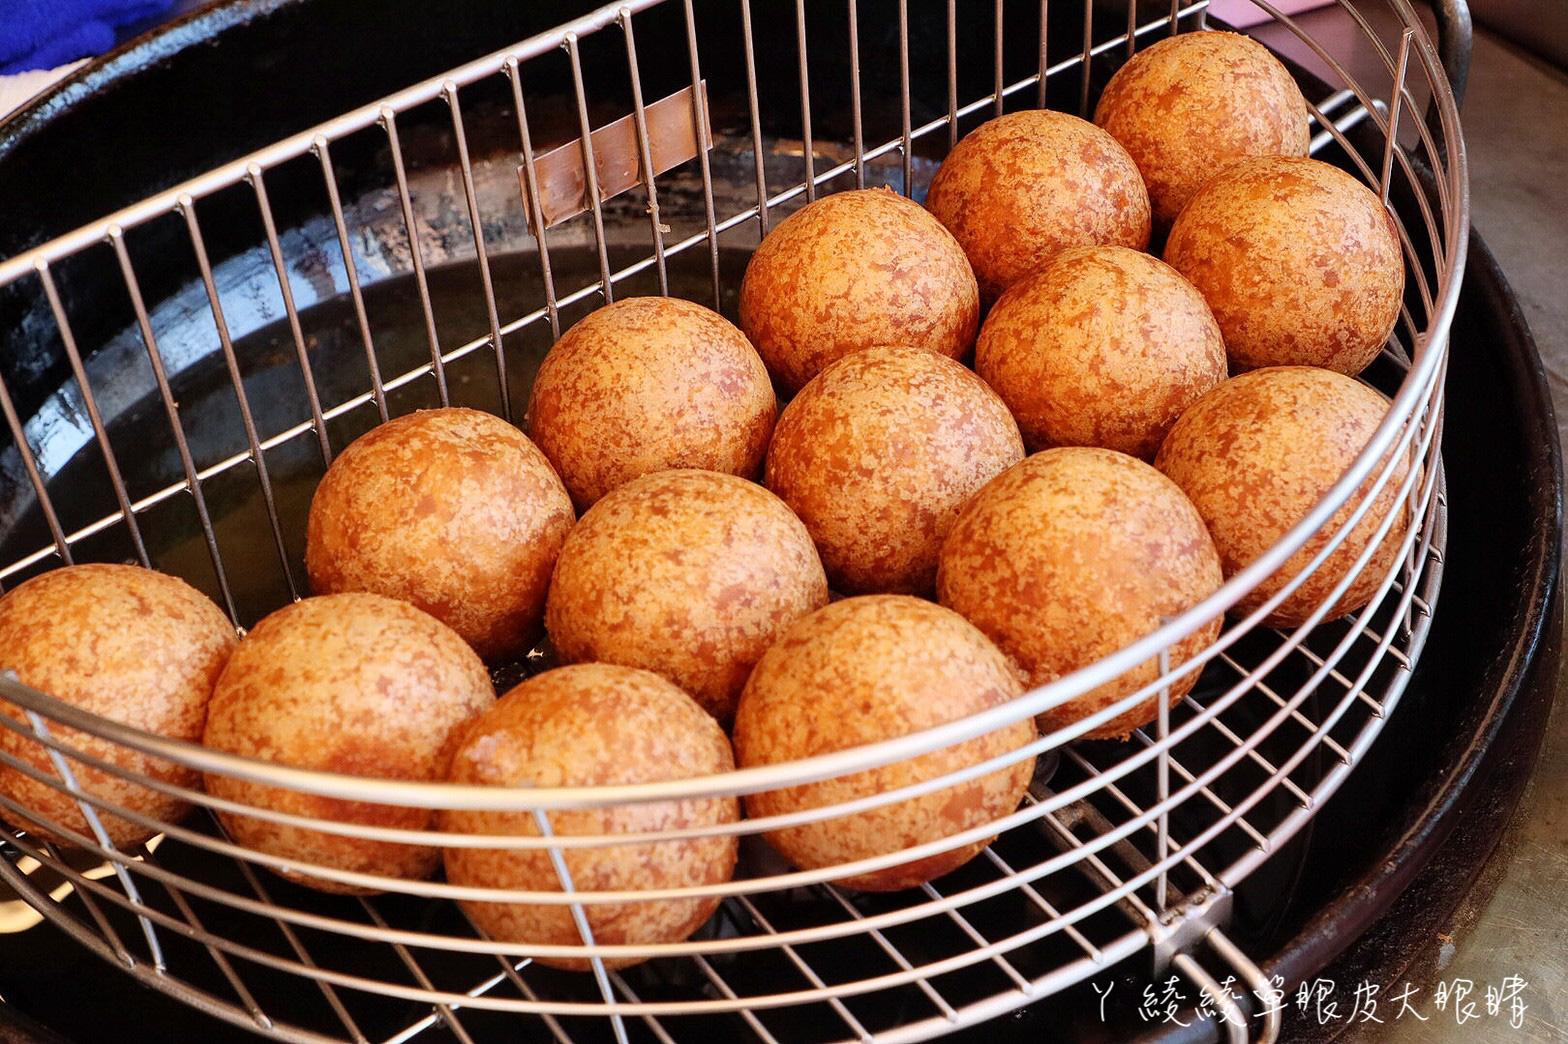 新竹必吃美食名單 快跟拳頭一樣大的芋泥球超驚人!老靈魂們都愛吃樸實無華的菱角酥跟地瓜球